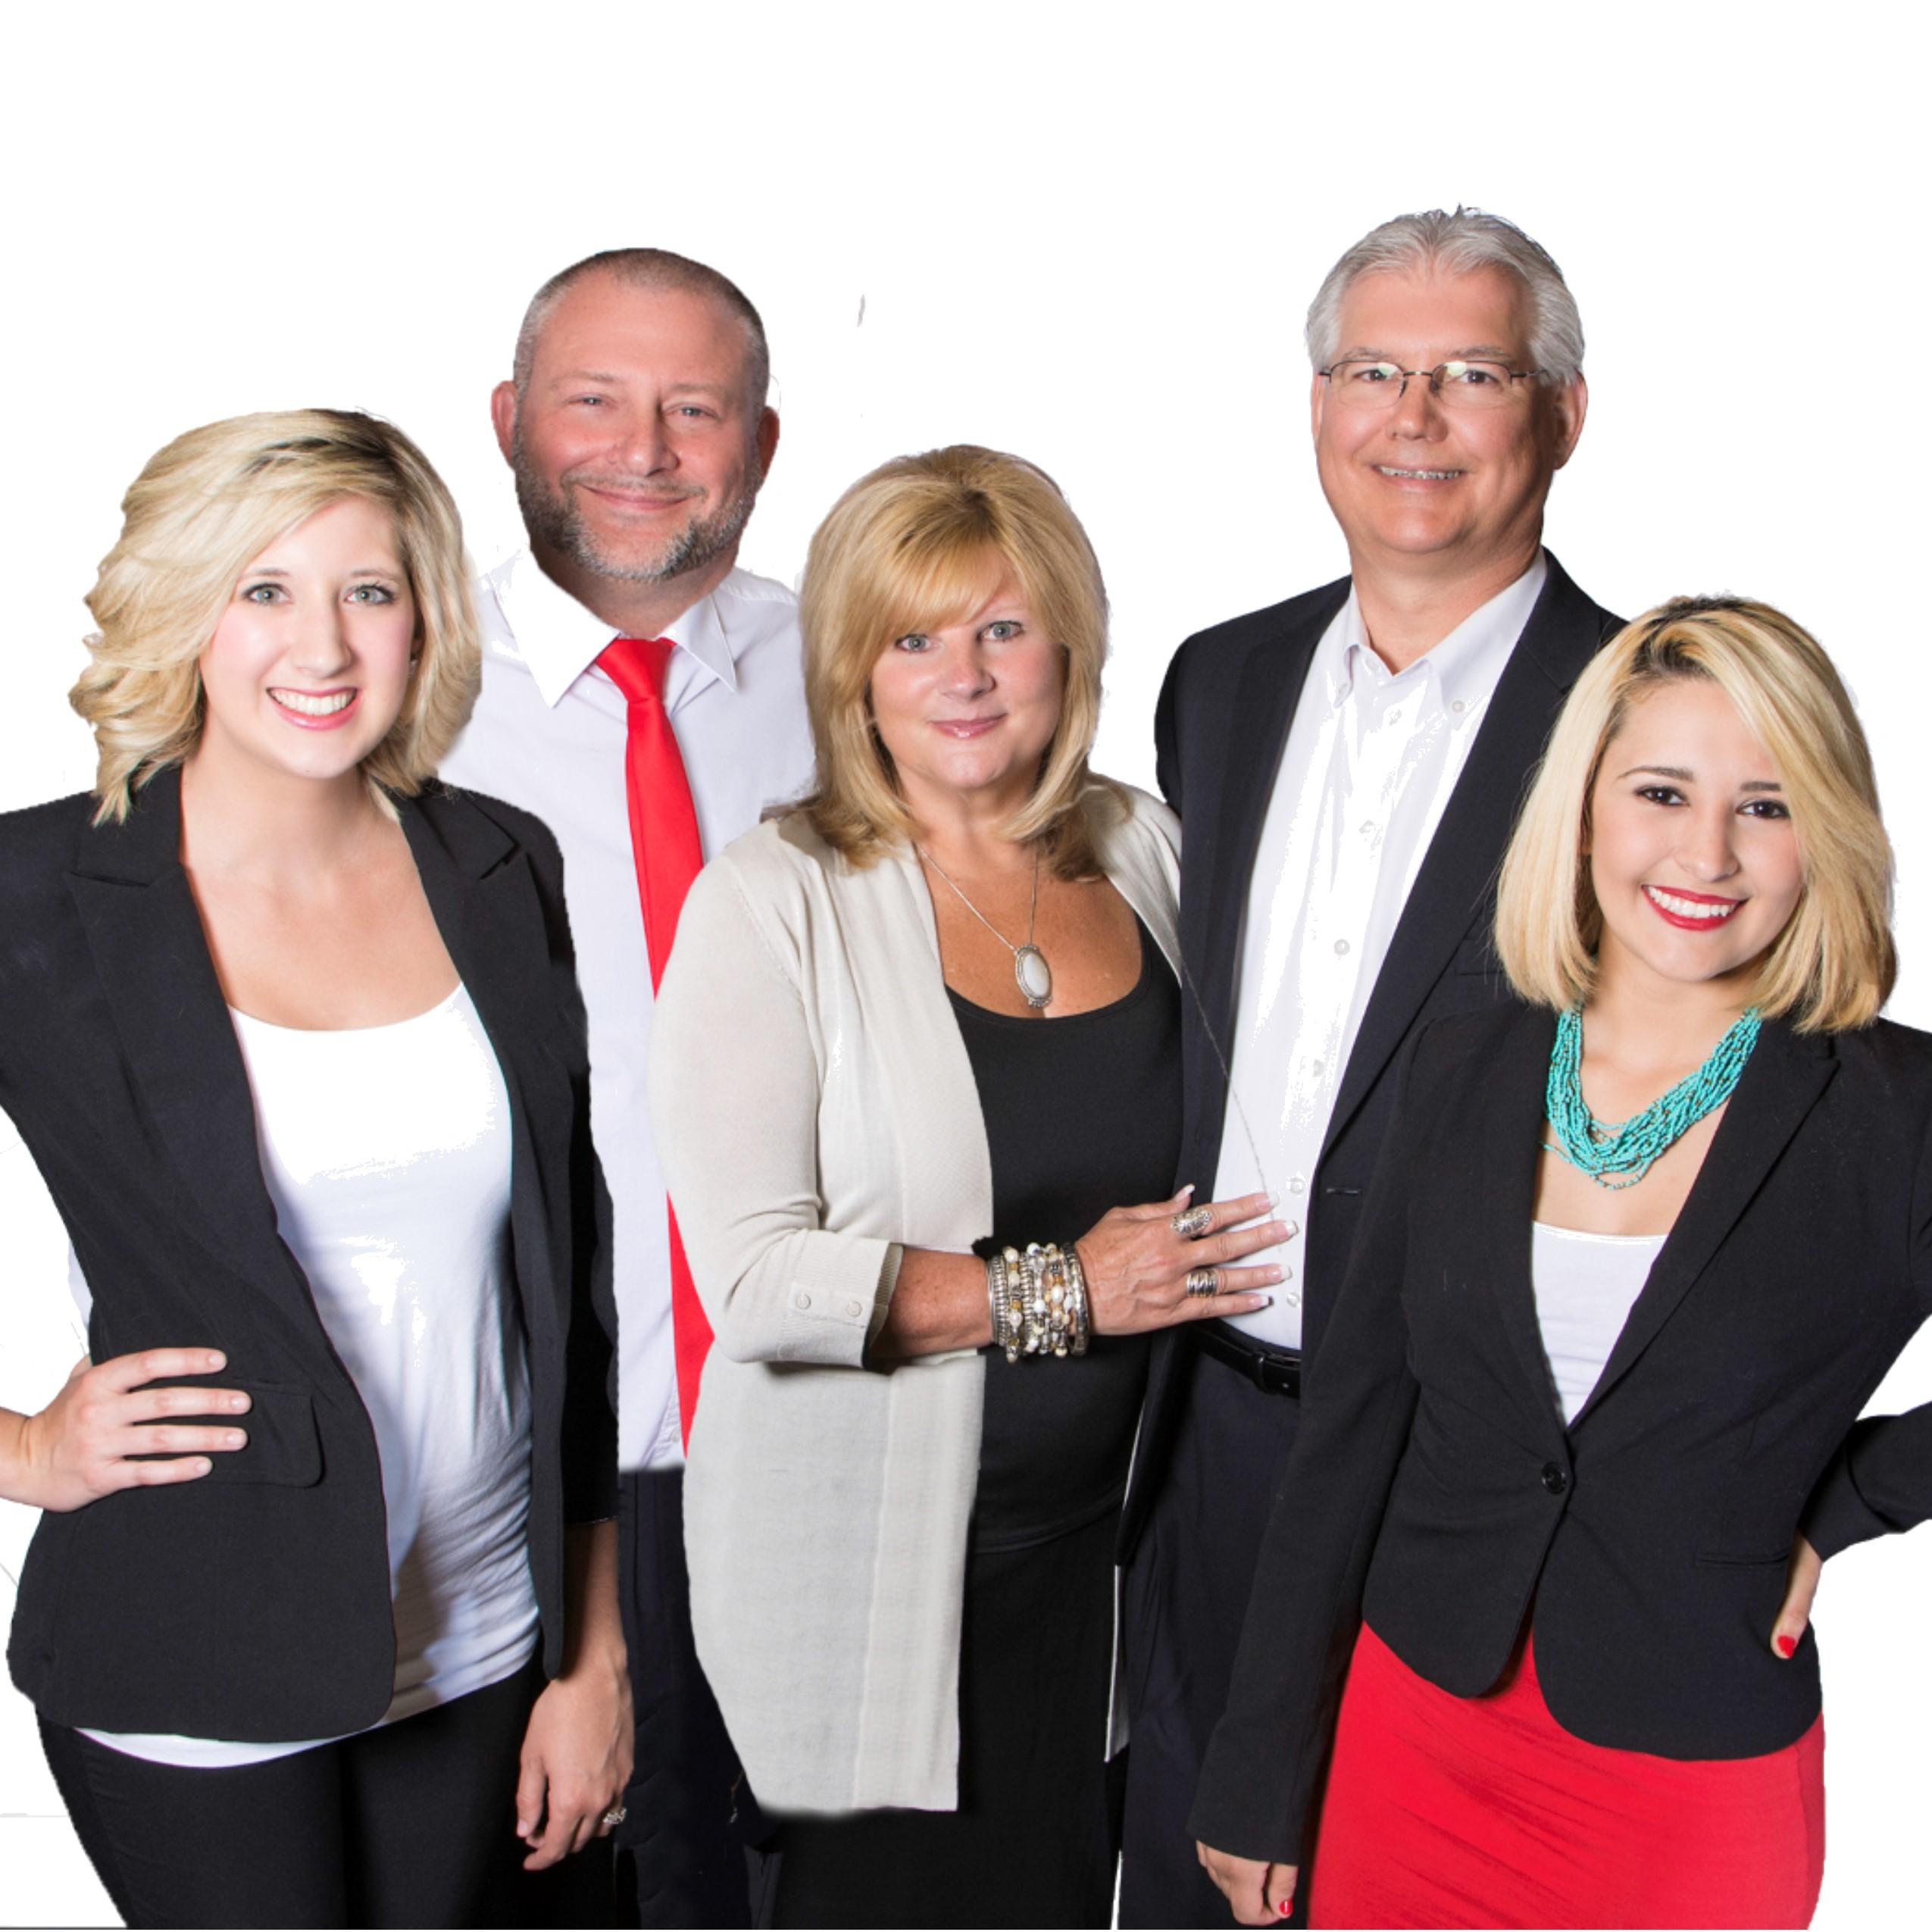 The VanWinkle Team